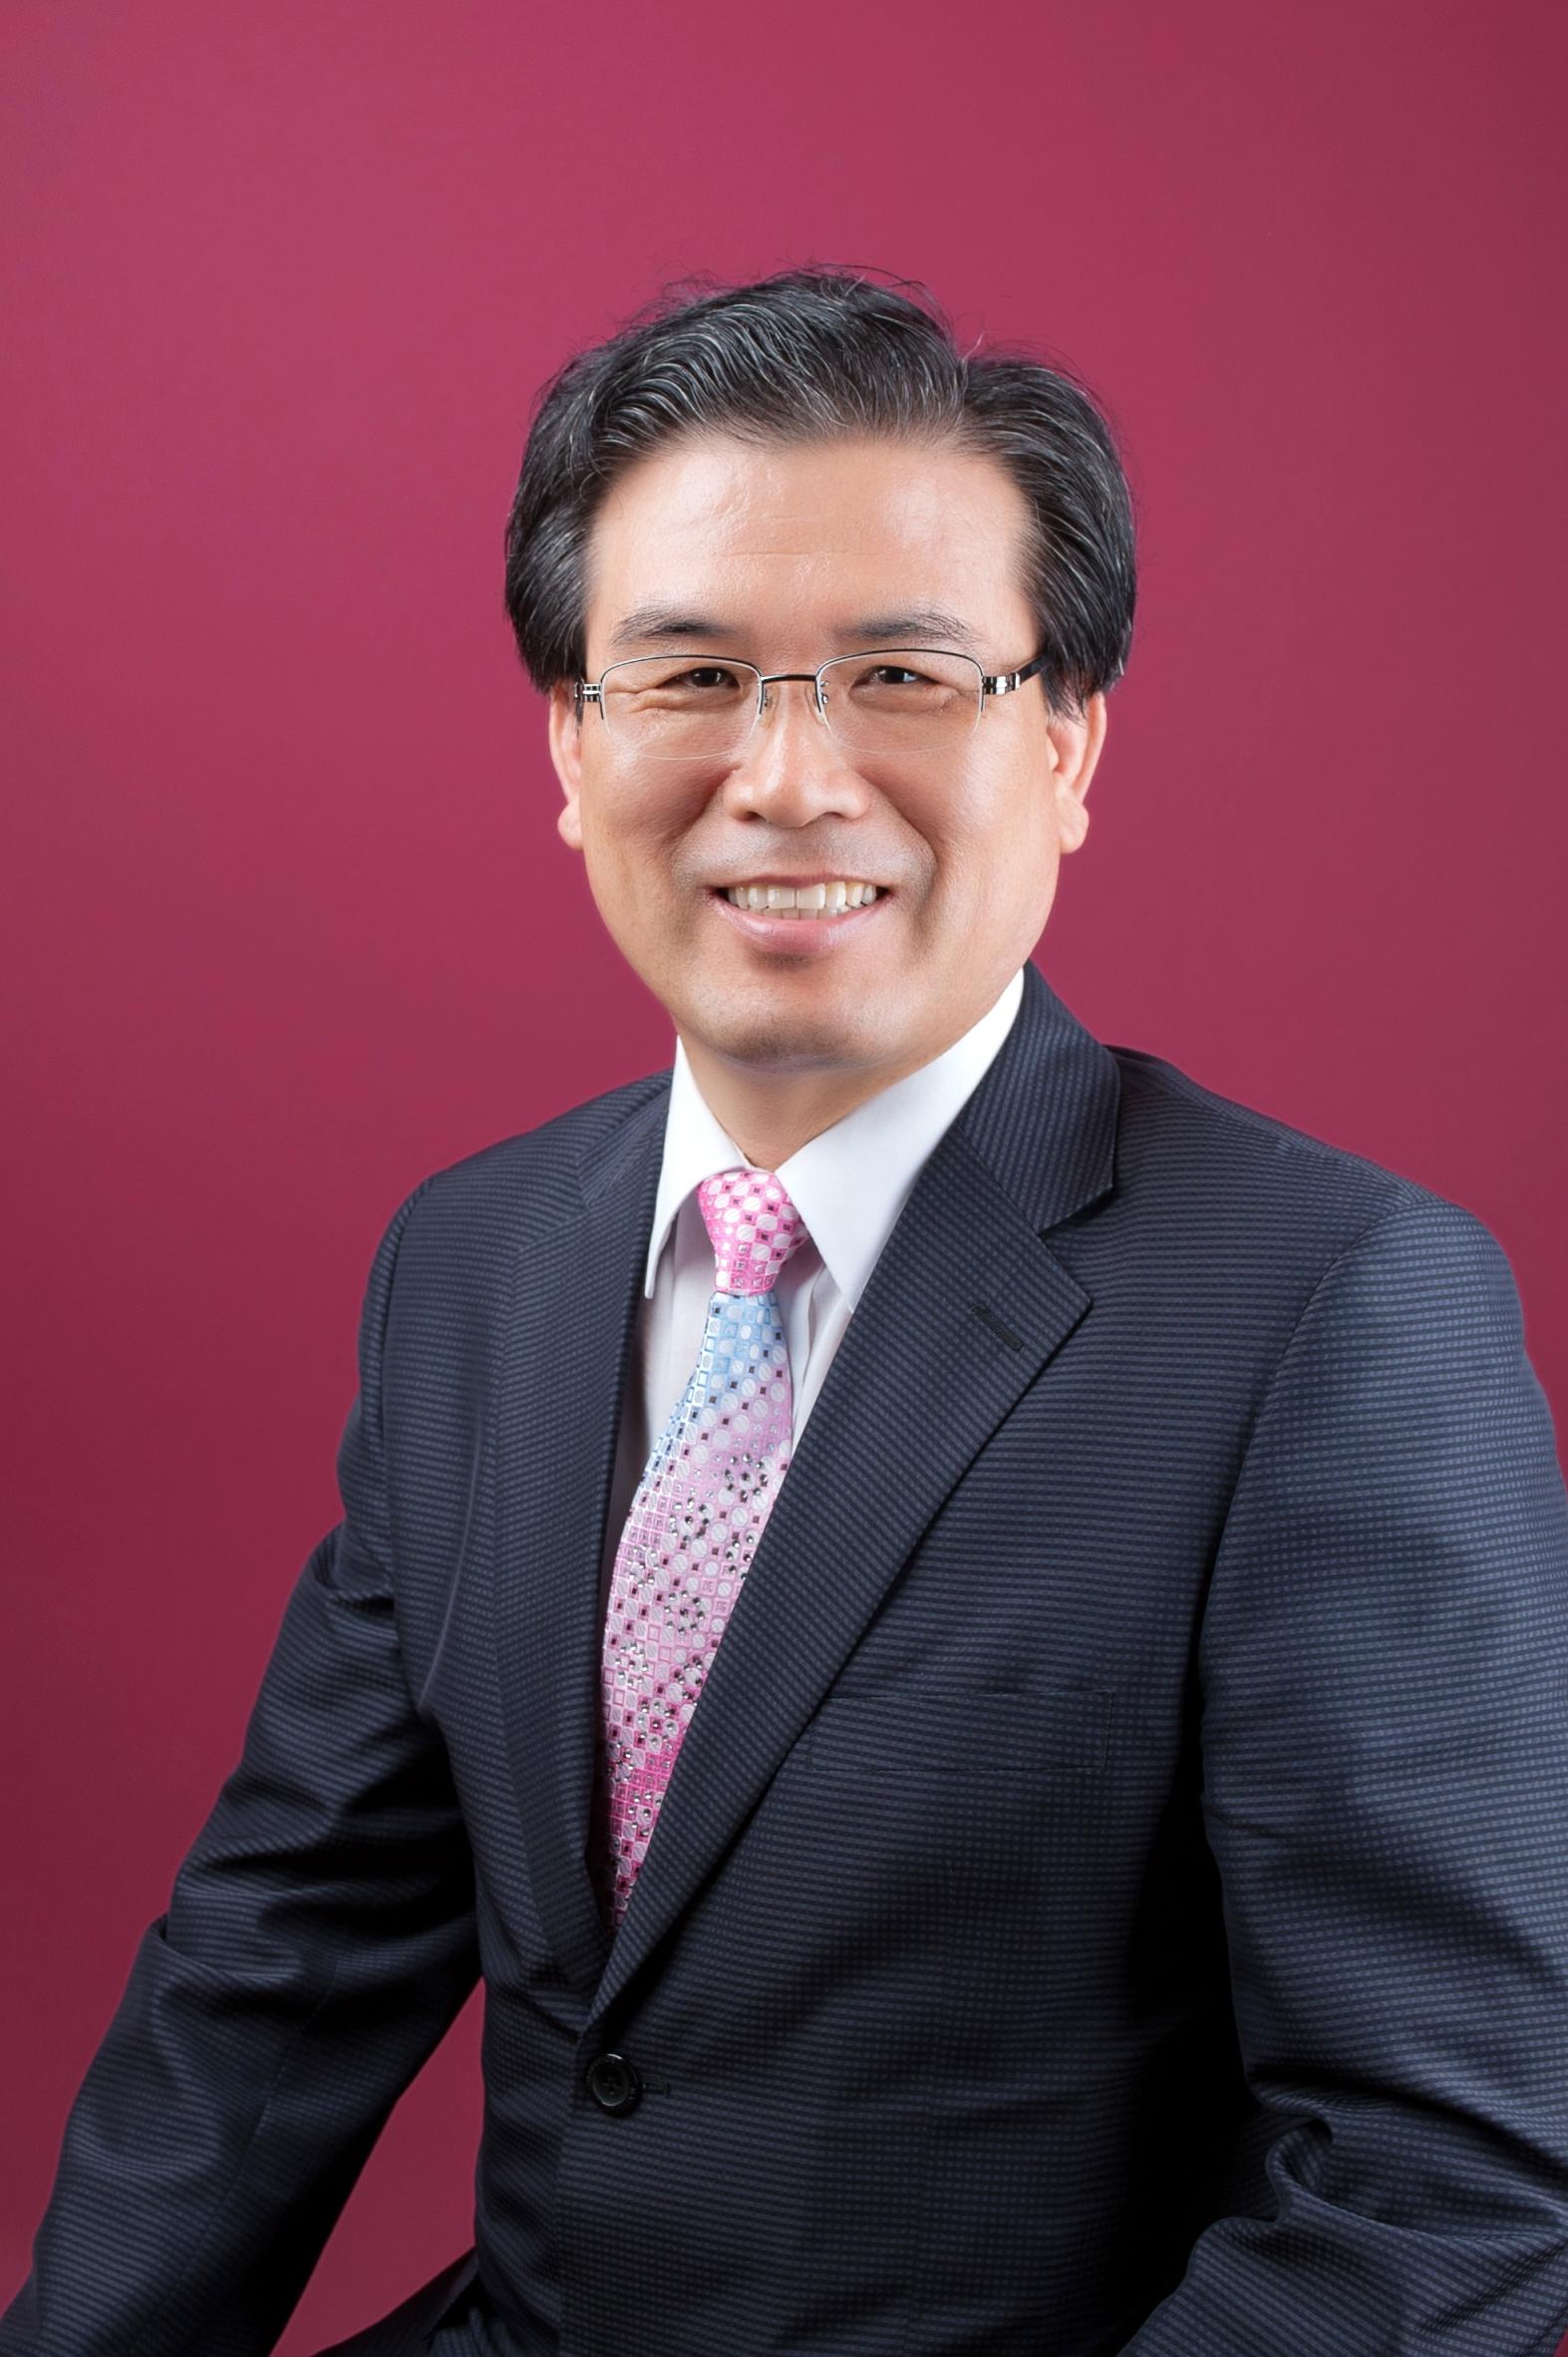 한경총 총회장 이창식 목사.JPG